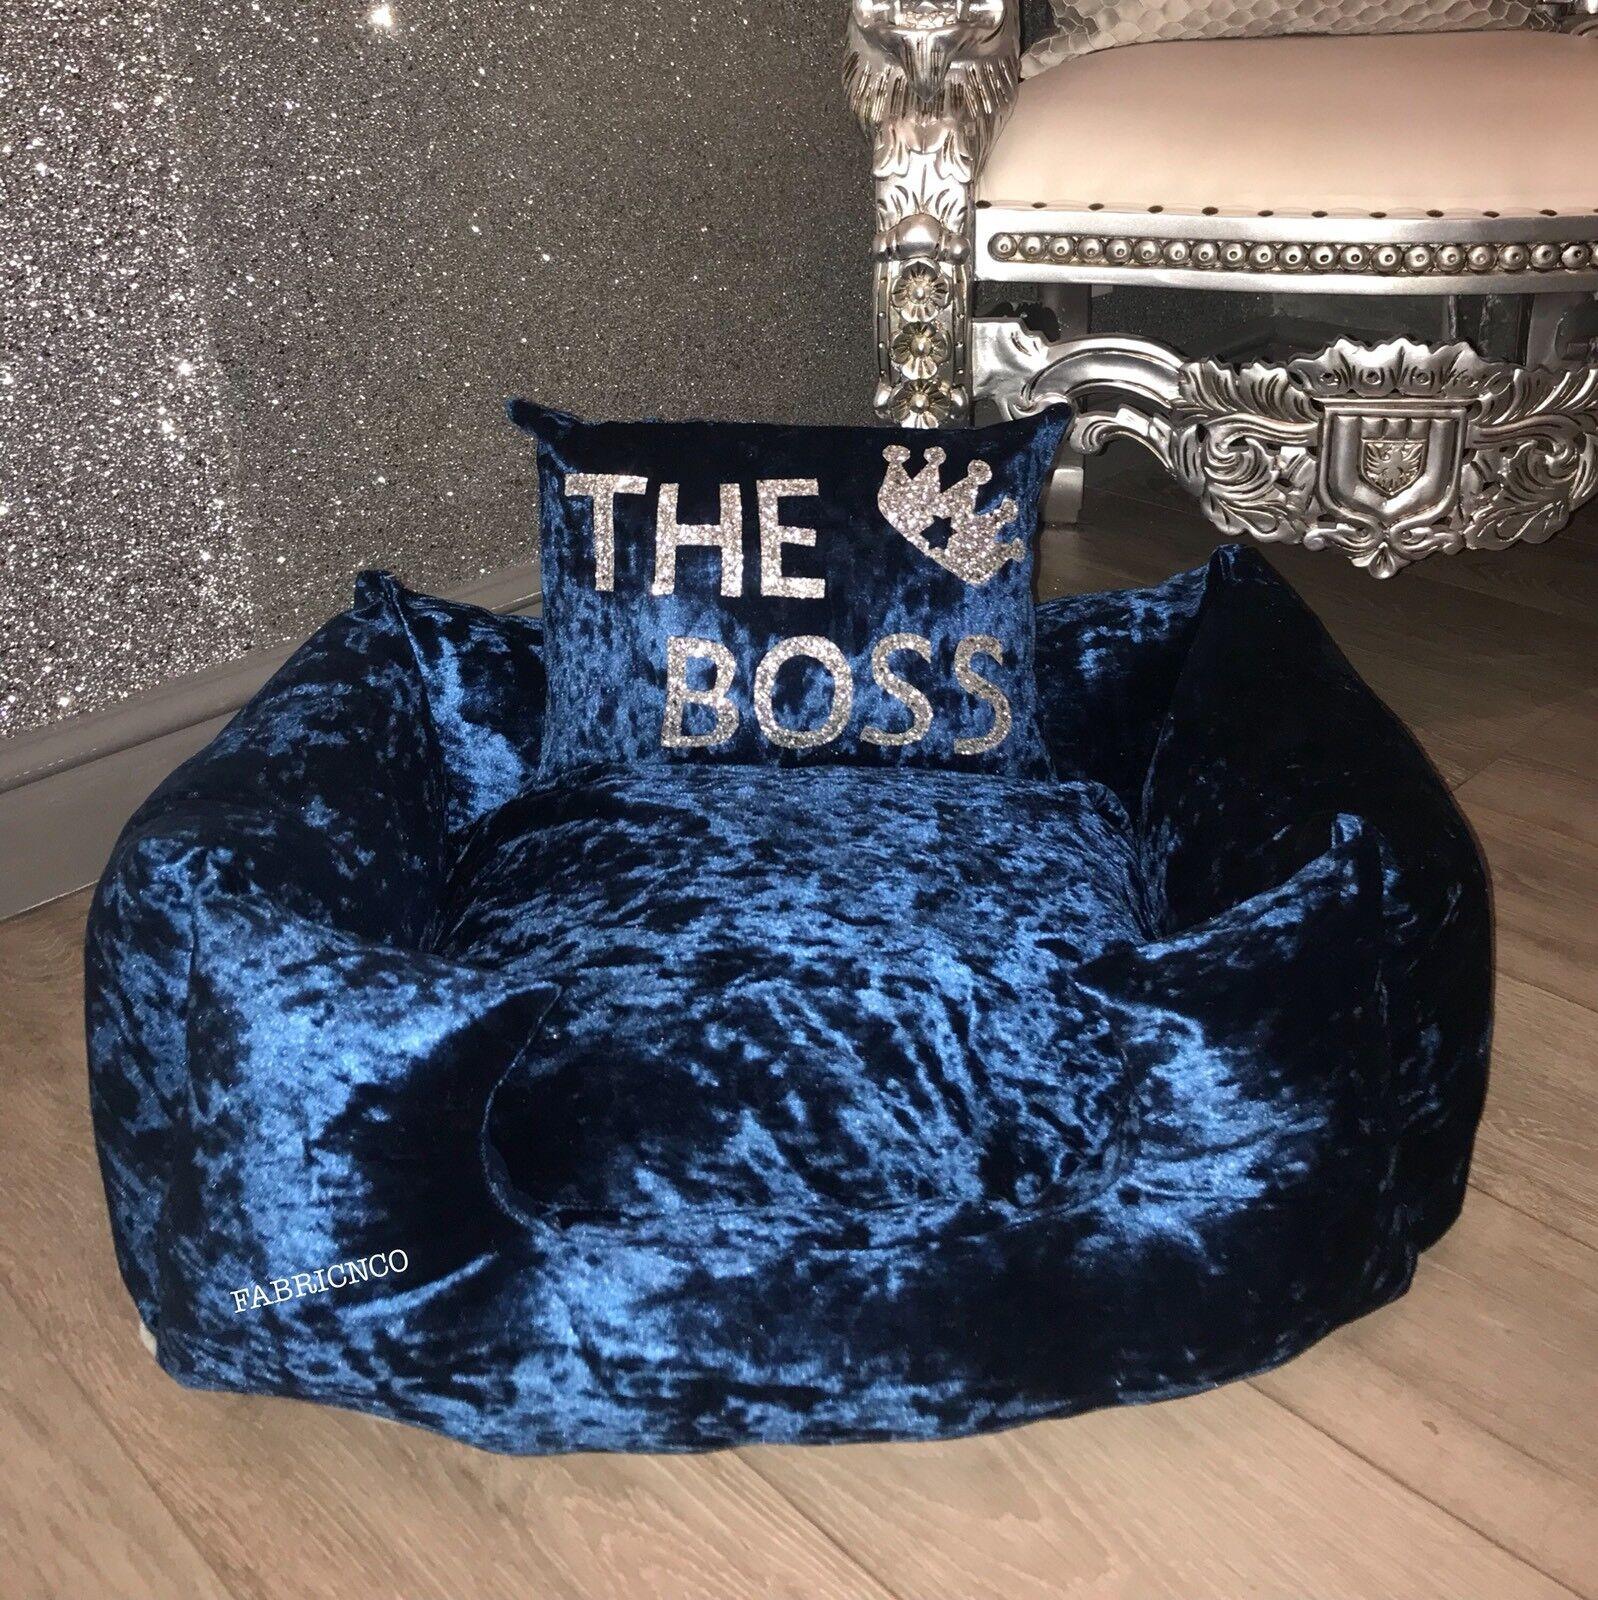 Medium Crushed Velvet Dog Pet Bed - Teal Blau